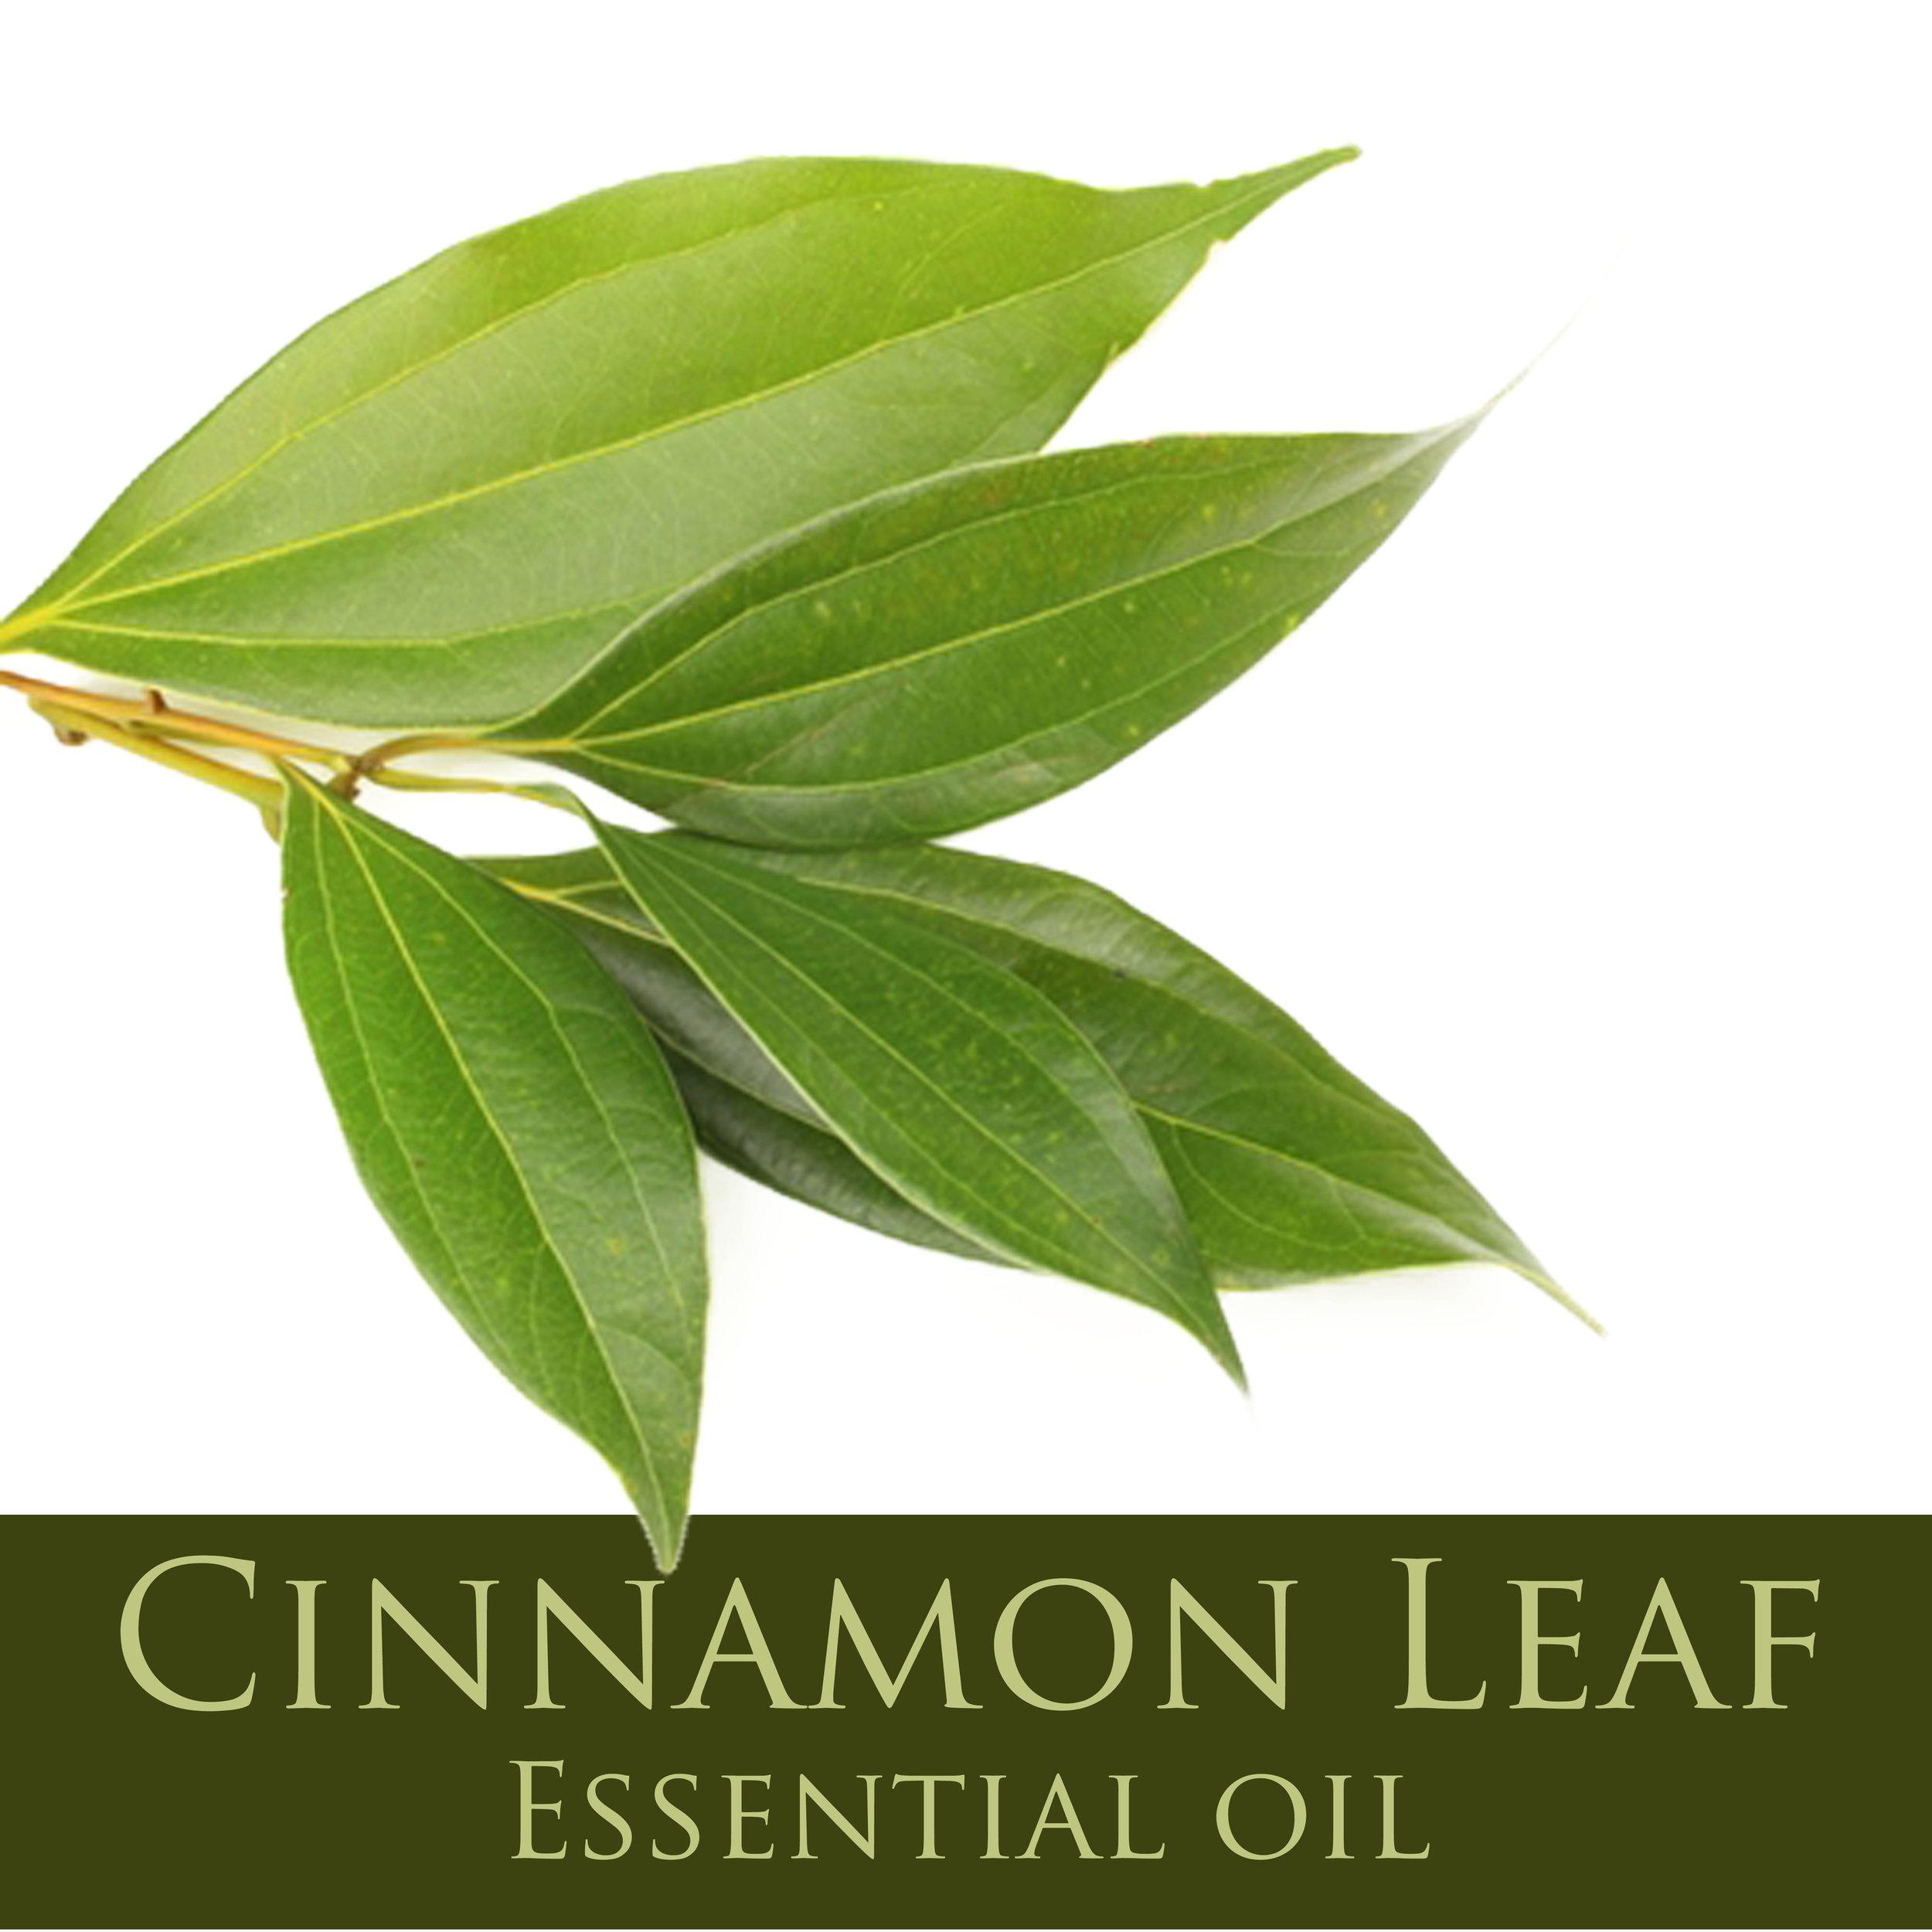 Cinnamon Leaf.jpg